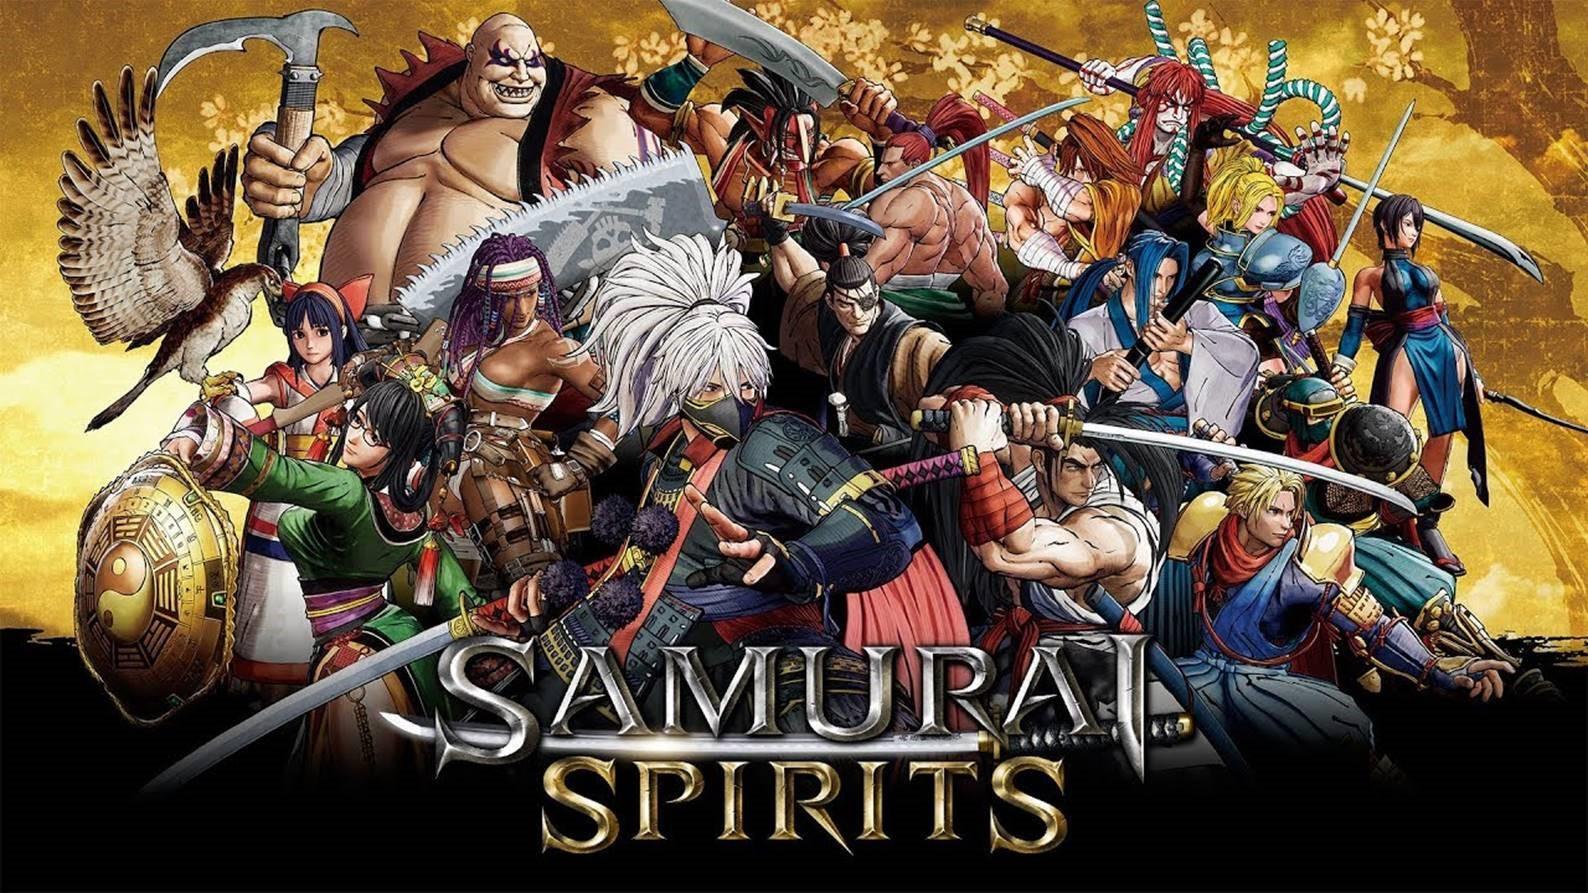 Xbox at Tokyo Game Show 2020 #TGS2020 samurai_spirits_keyart.jpg